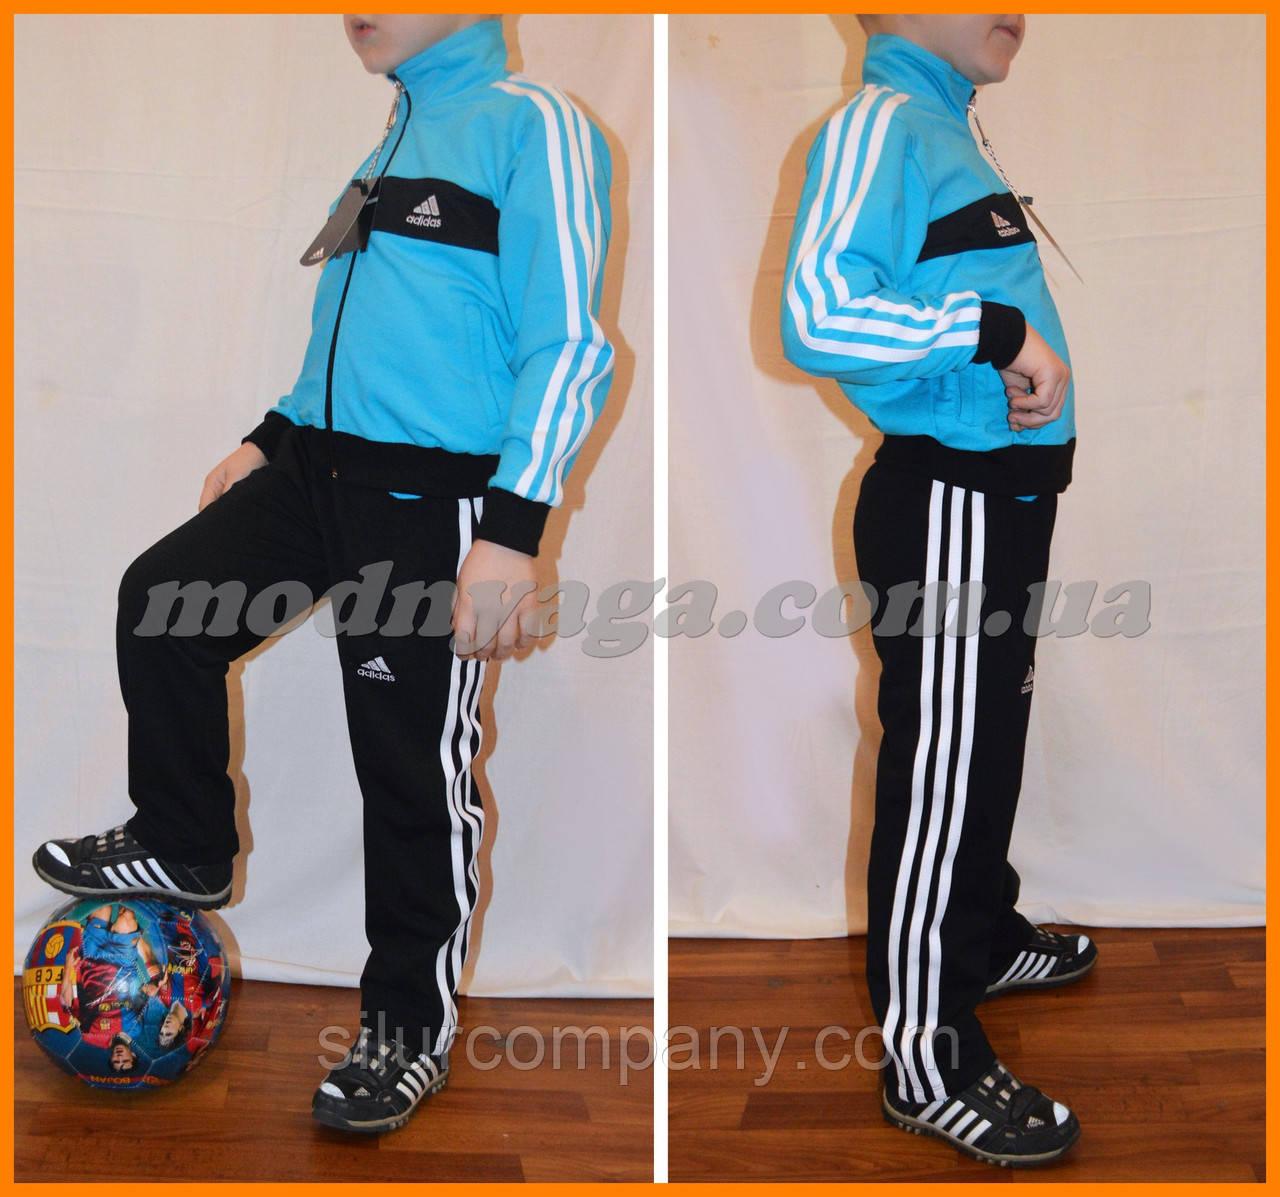 70fe393d5b9b Теплые детские спортивные костюмы адидас - Интернет магазин